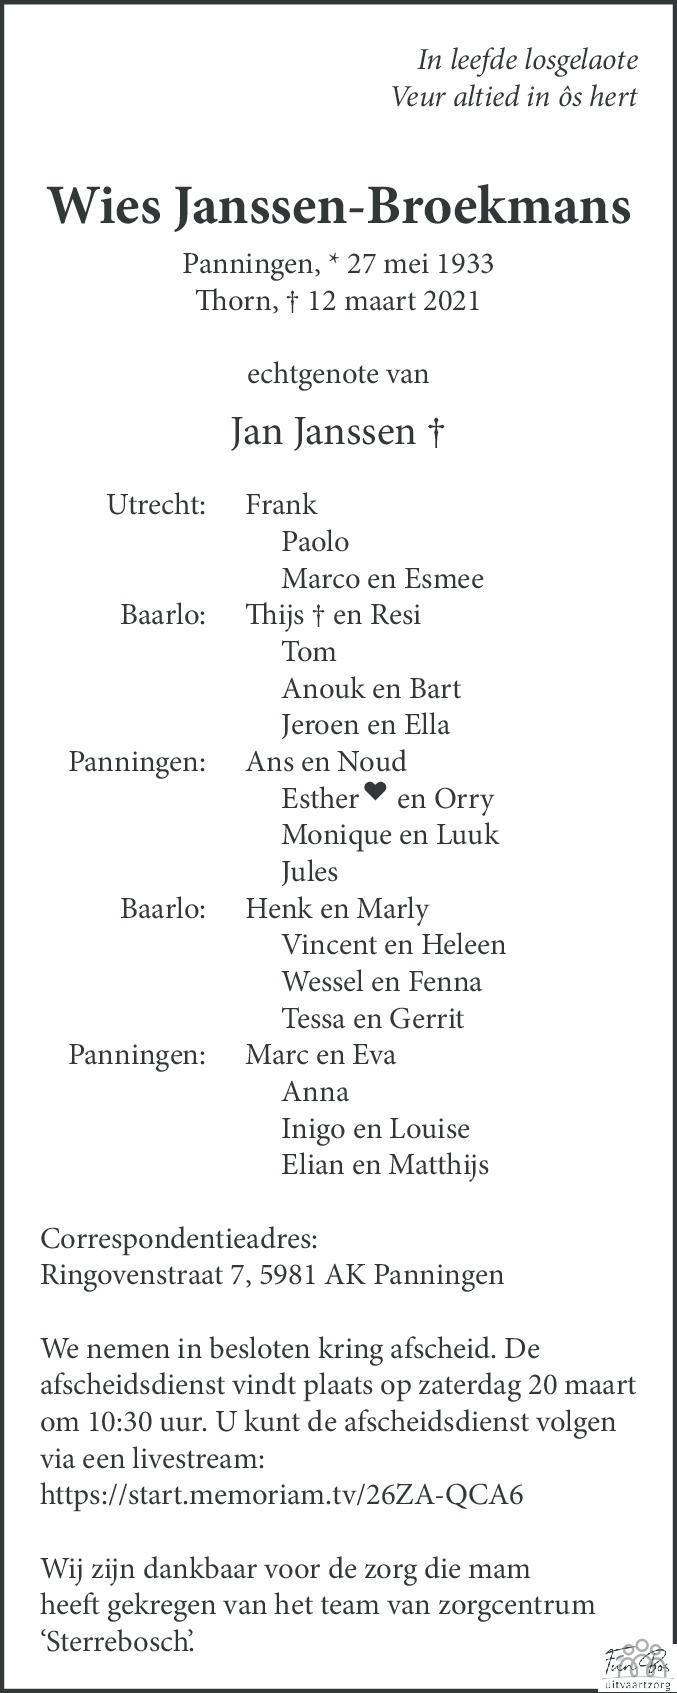 Overlijdensbericht van Wies Janssen-Broekmans in De Limburger